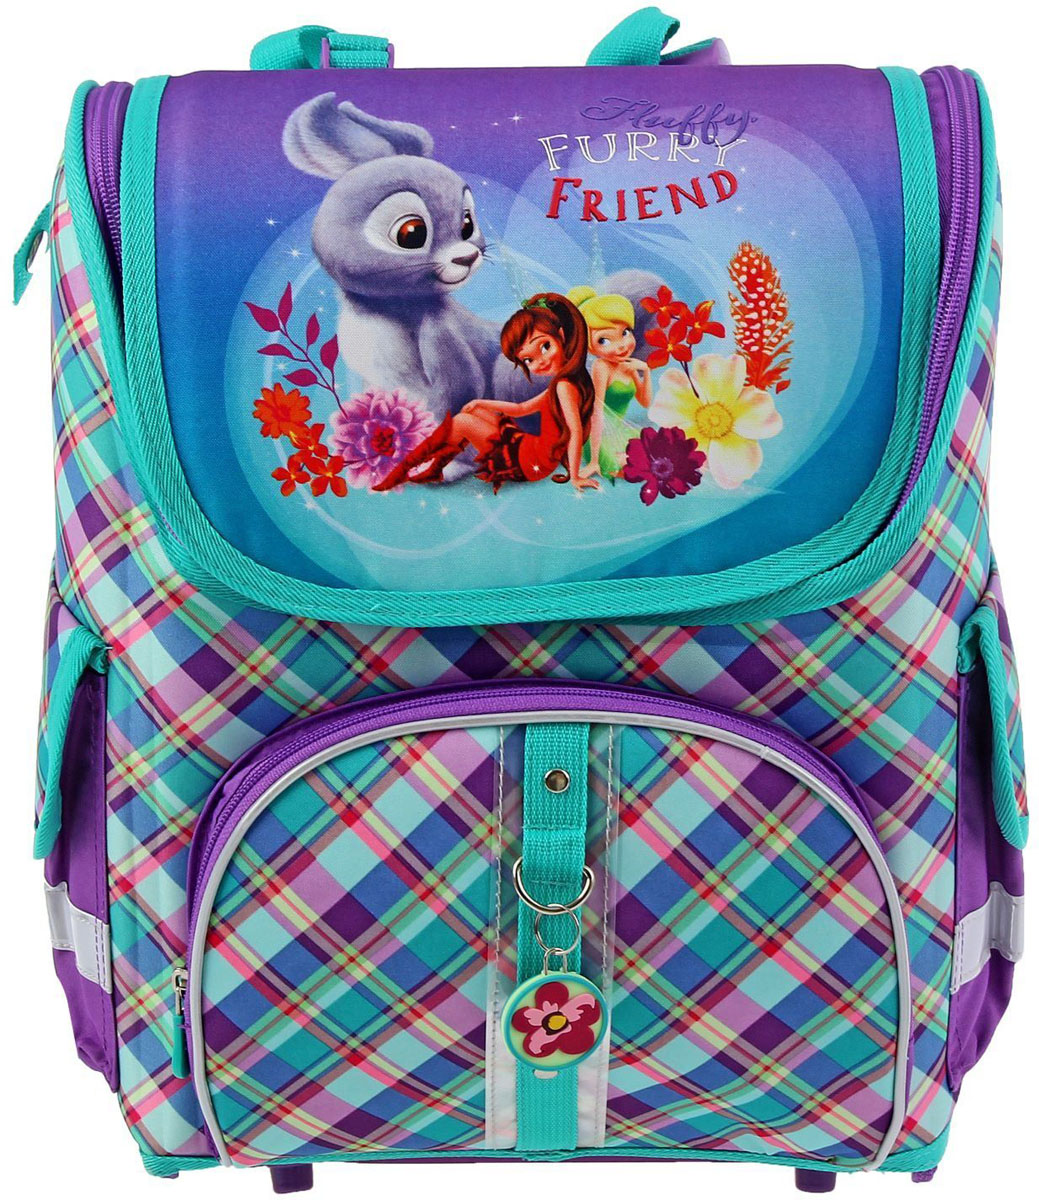 Disney Ранец школьный Феи и невиданный зверь цвет светло-коричневый бирюзовый72523WDРанец, или портфель, — это жёсткая ученическая сумка, которая является традиционным атрибутом школьного «снаряжения».Характеристики идеального современного ранца для школьника выглядят так:жёсткие корпус и спинка;регулируемые широкие мягкие лямки;наличие светоотражателей;масса — 600?800 г;мягкие подушечки на спинке и сетчатая, «дышащая» задняя сторона.Ранец стандарт раскладной Disney Феи и невиданный зверь, Light 36*27*20 , для девочки Бирюза, EK 37683 — это очень практичное и качественное текстильное изделие, которое отвечает всем перечисленным требованиям.Жёсткий корпус защитит ребёнка и содержимое: он не позволит книгам и учебникам «втыкаться» в спину и сбережёт ранец, если ученик его уронит. А смягчающие элементы (поролон и сетка) сделают процесс ношения этого изделия комфортным.